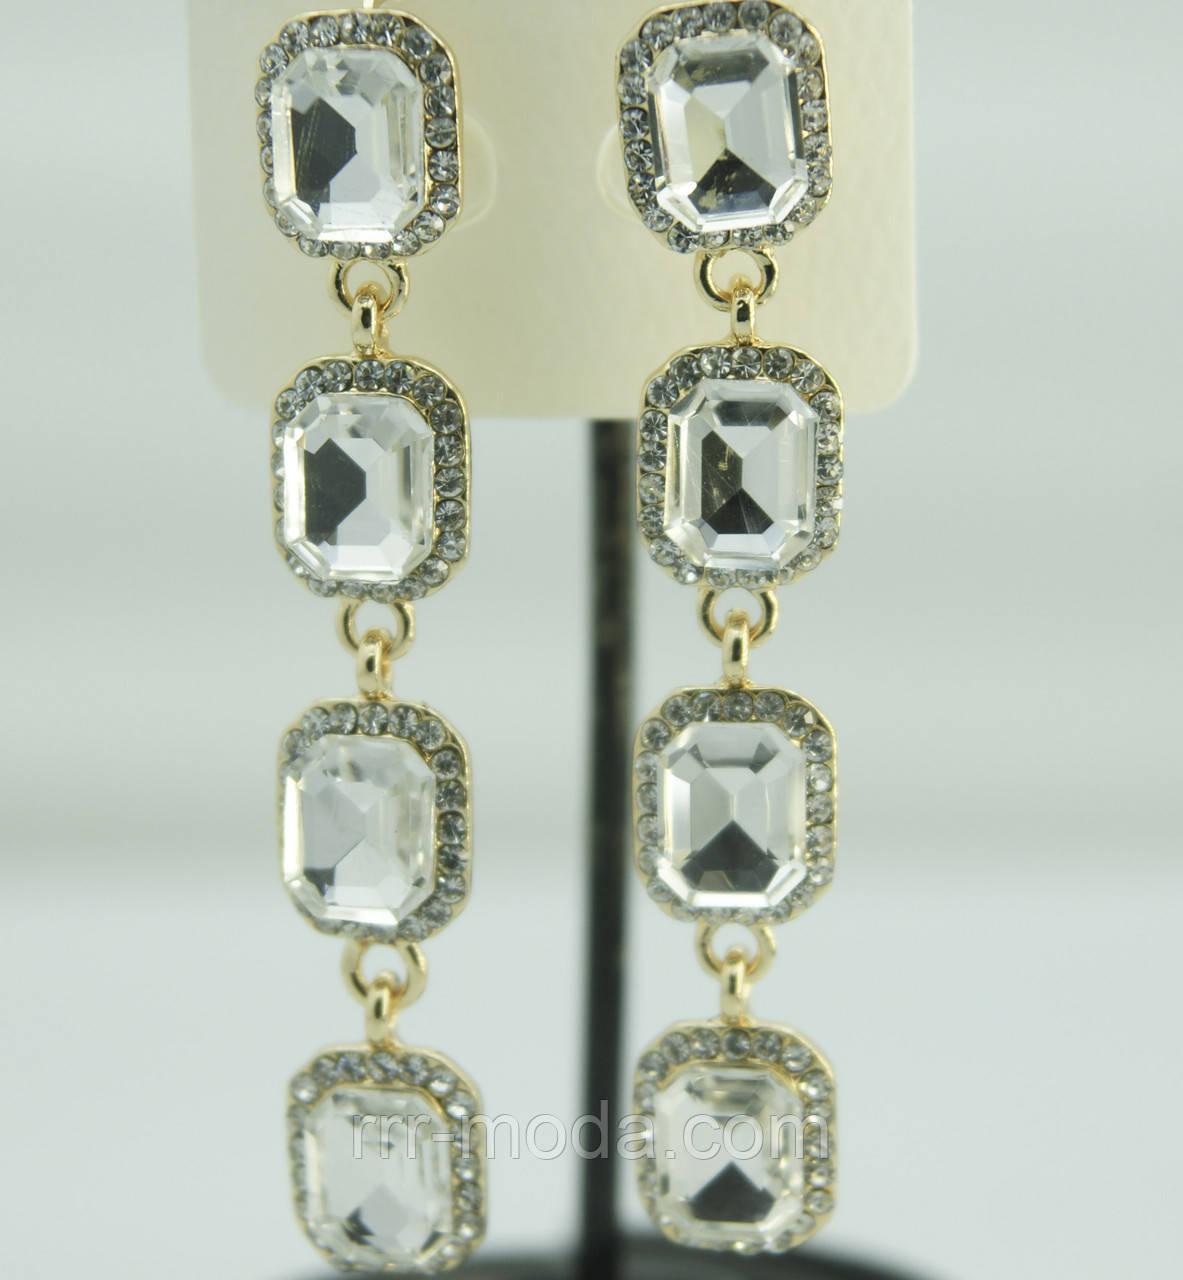 Женские длинные серьги с кристаллами. Сияющие серьги оптом 602